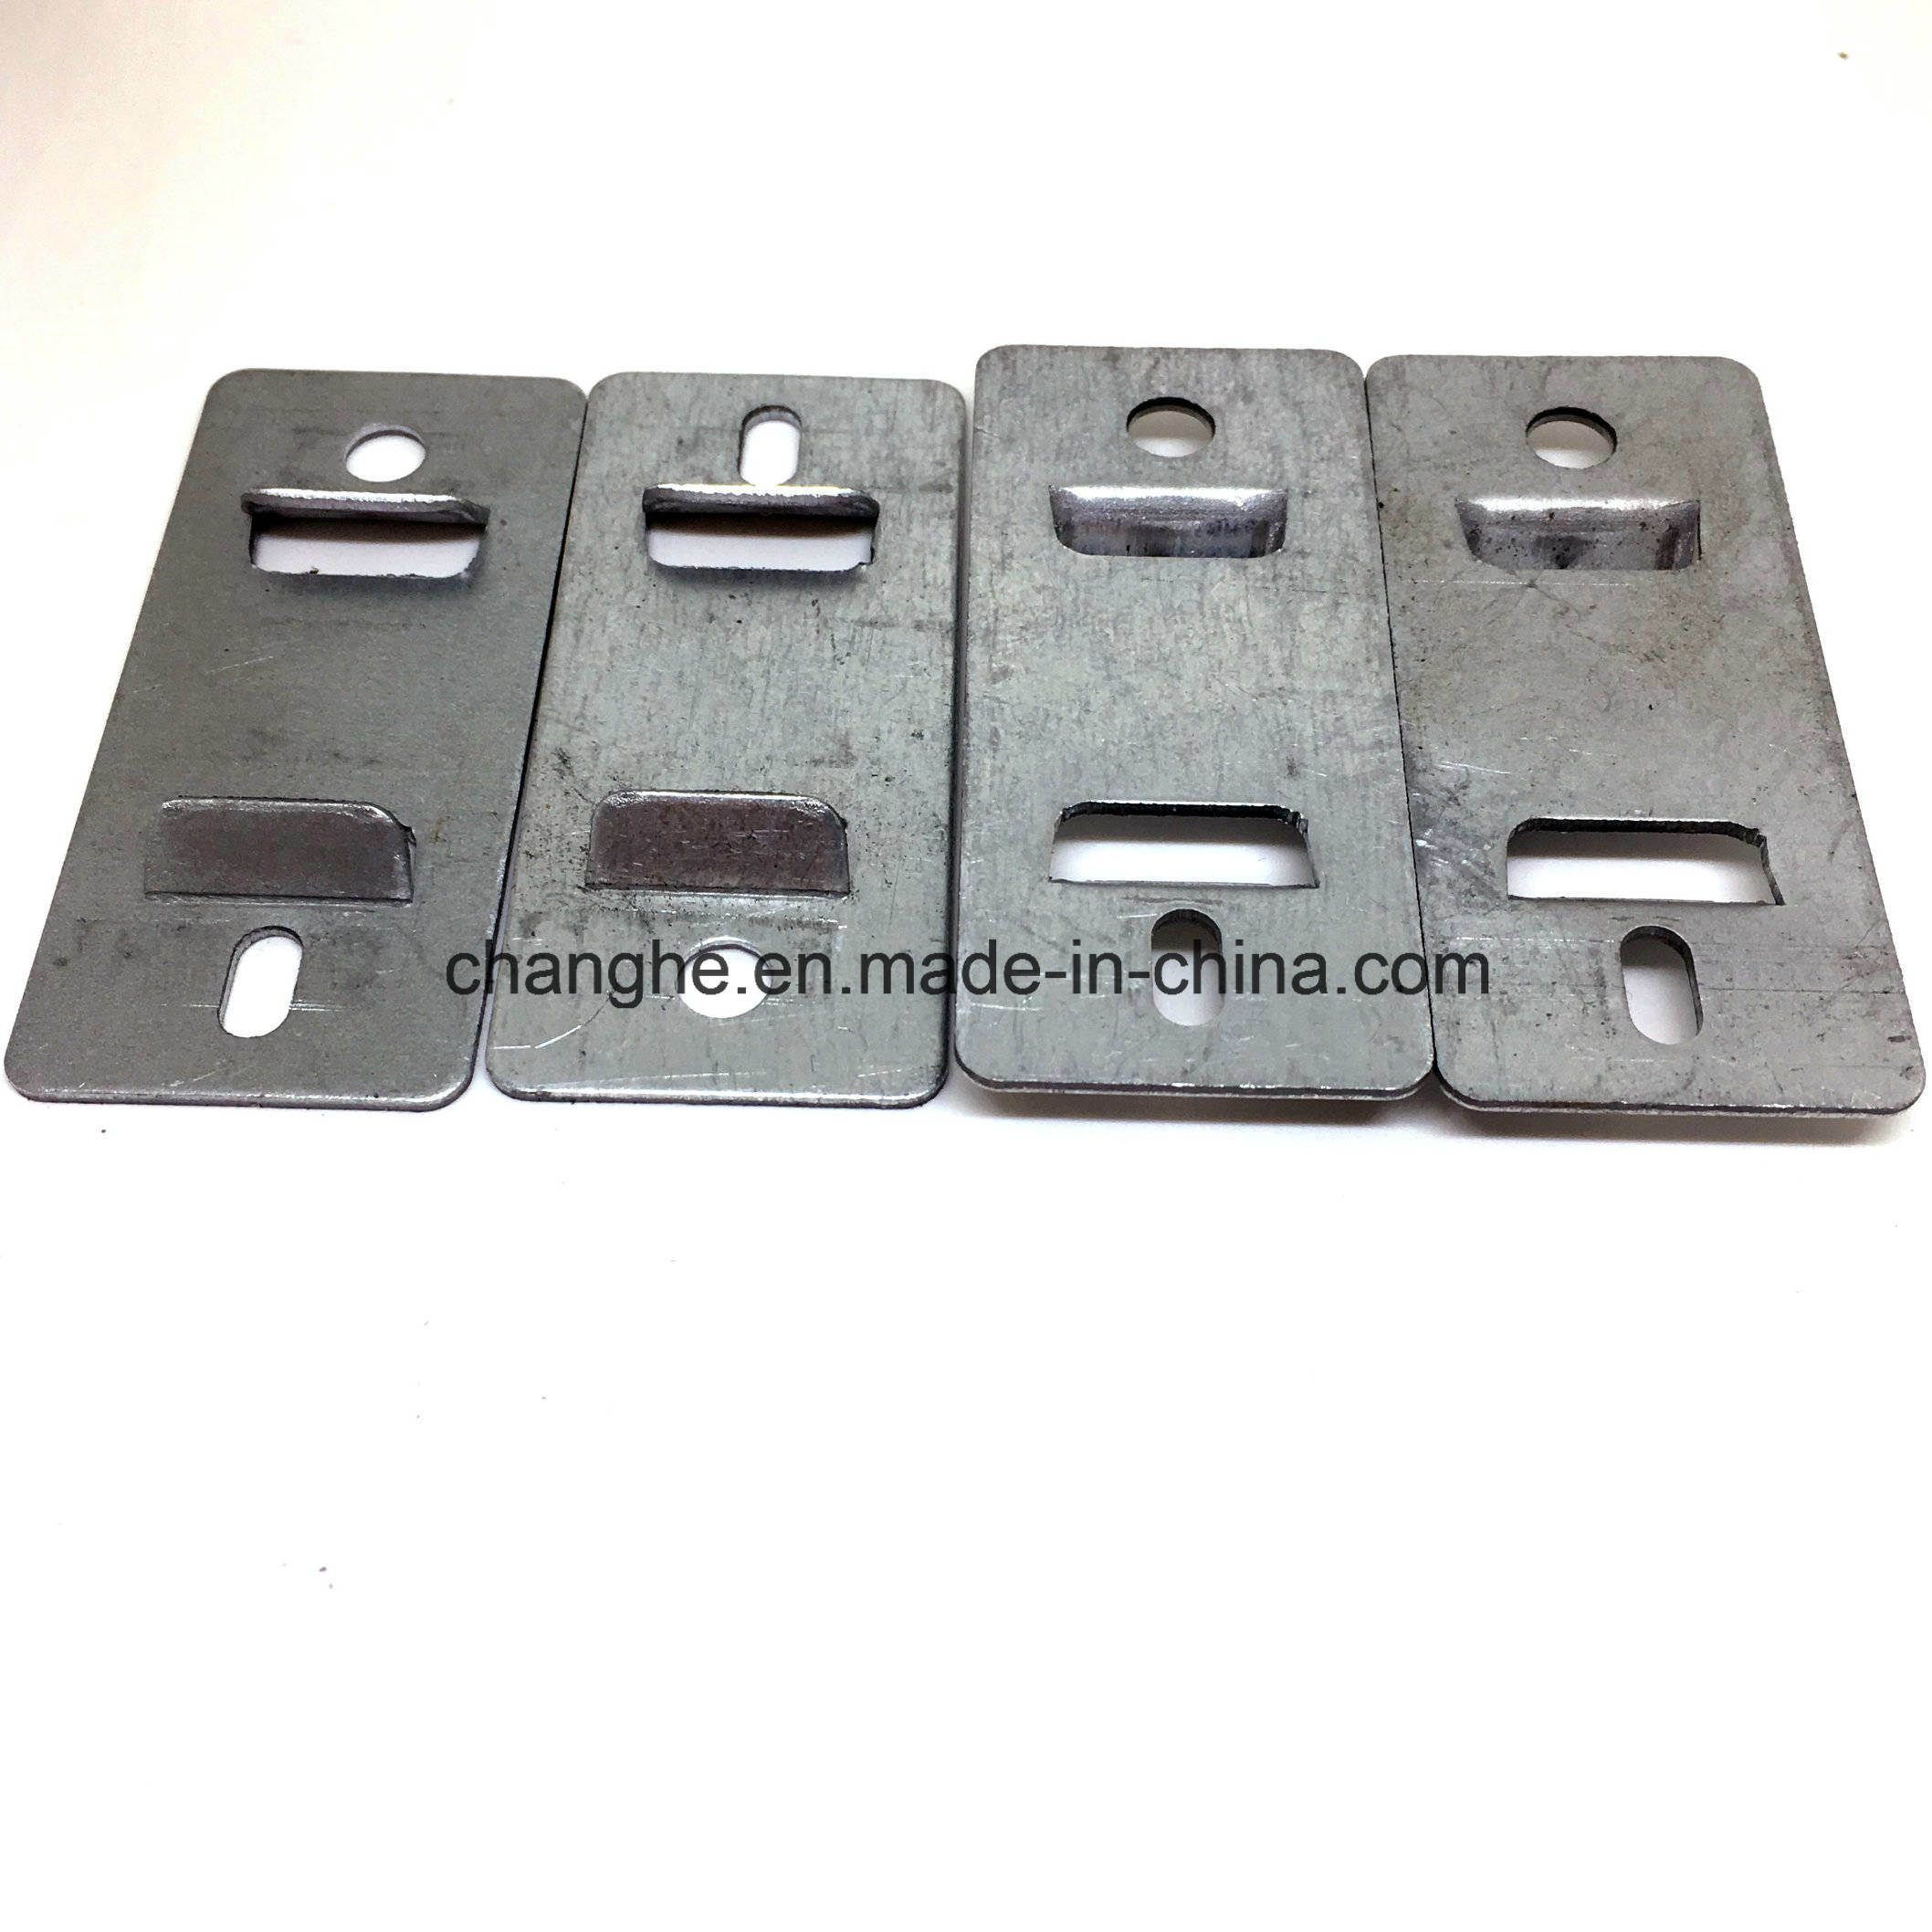 OEM Metal Stamping